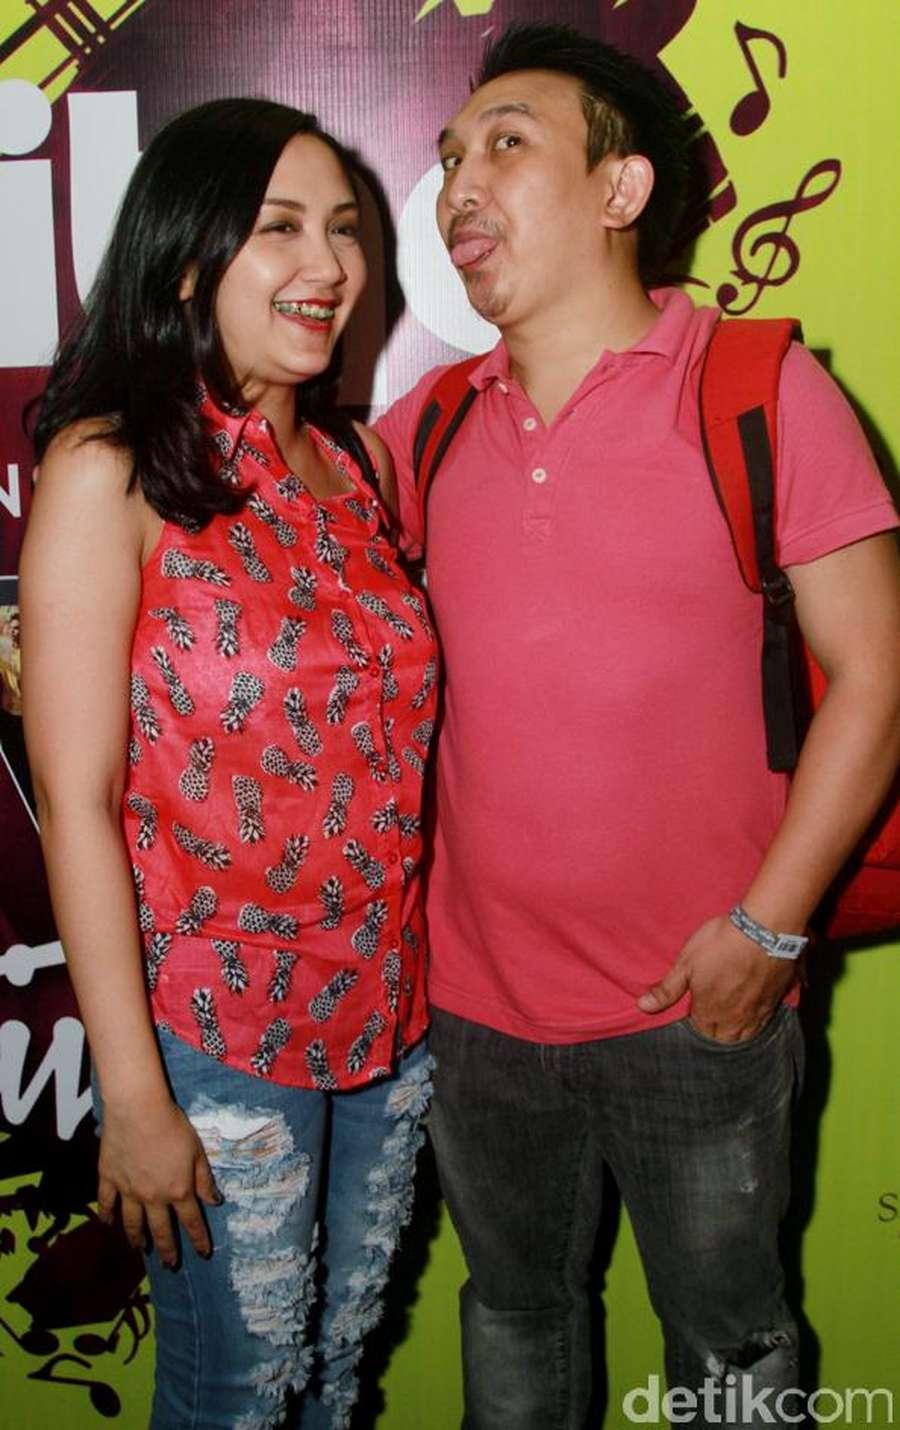 Augie Fantinus dan Adriana Bustami Kencan di Konser Kahitna